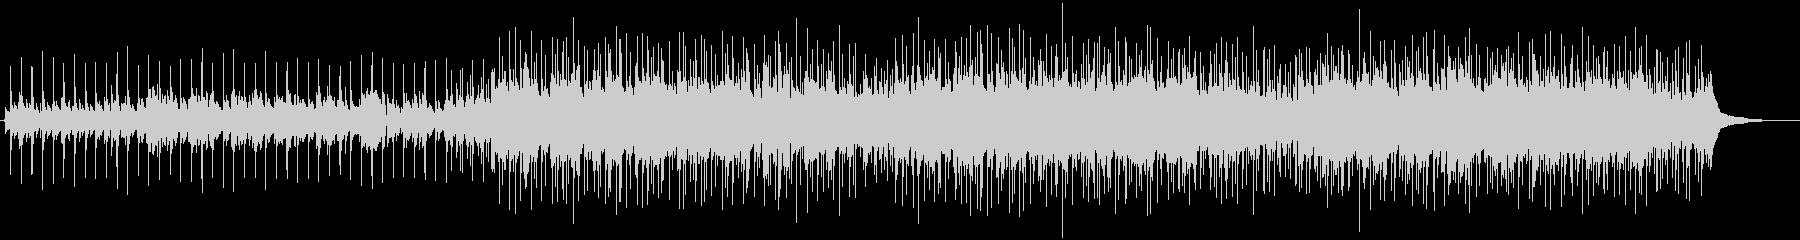 インディーアコースティックポップソングの未再生の波形